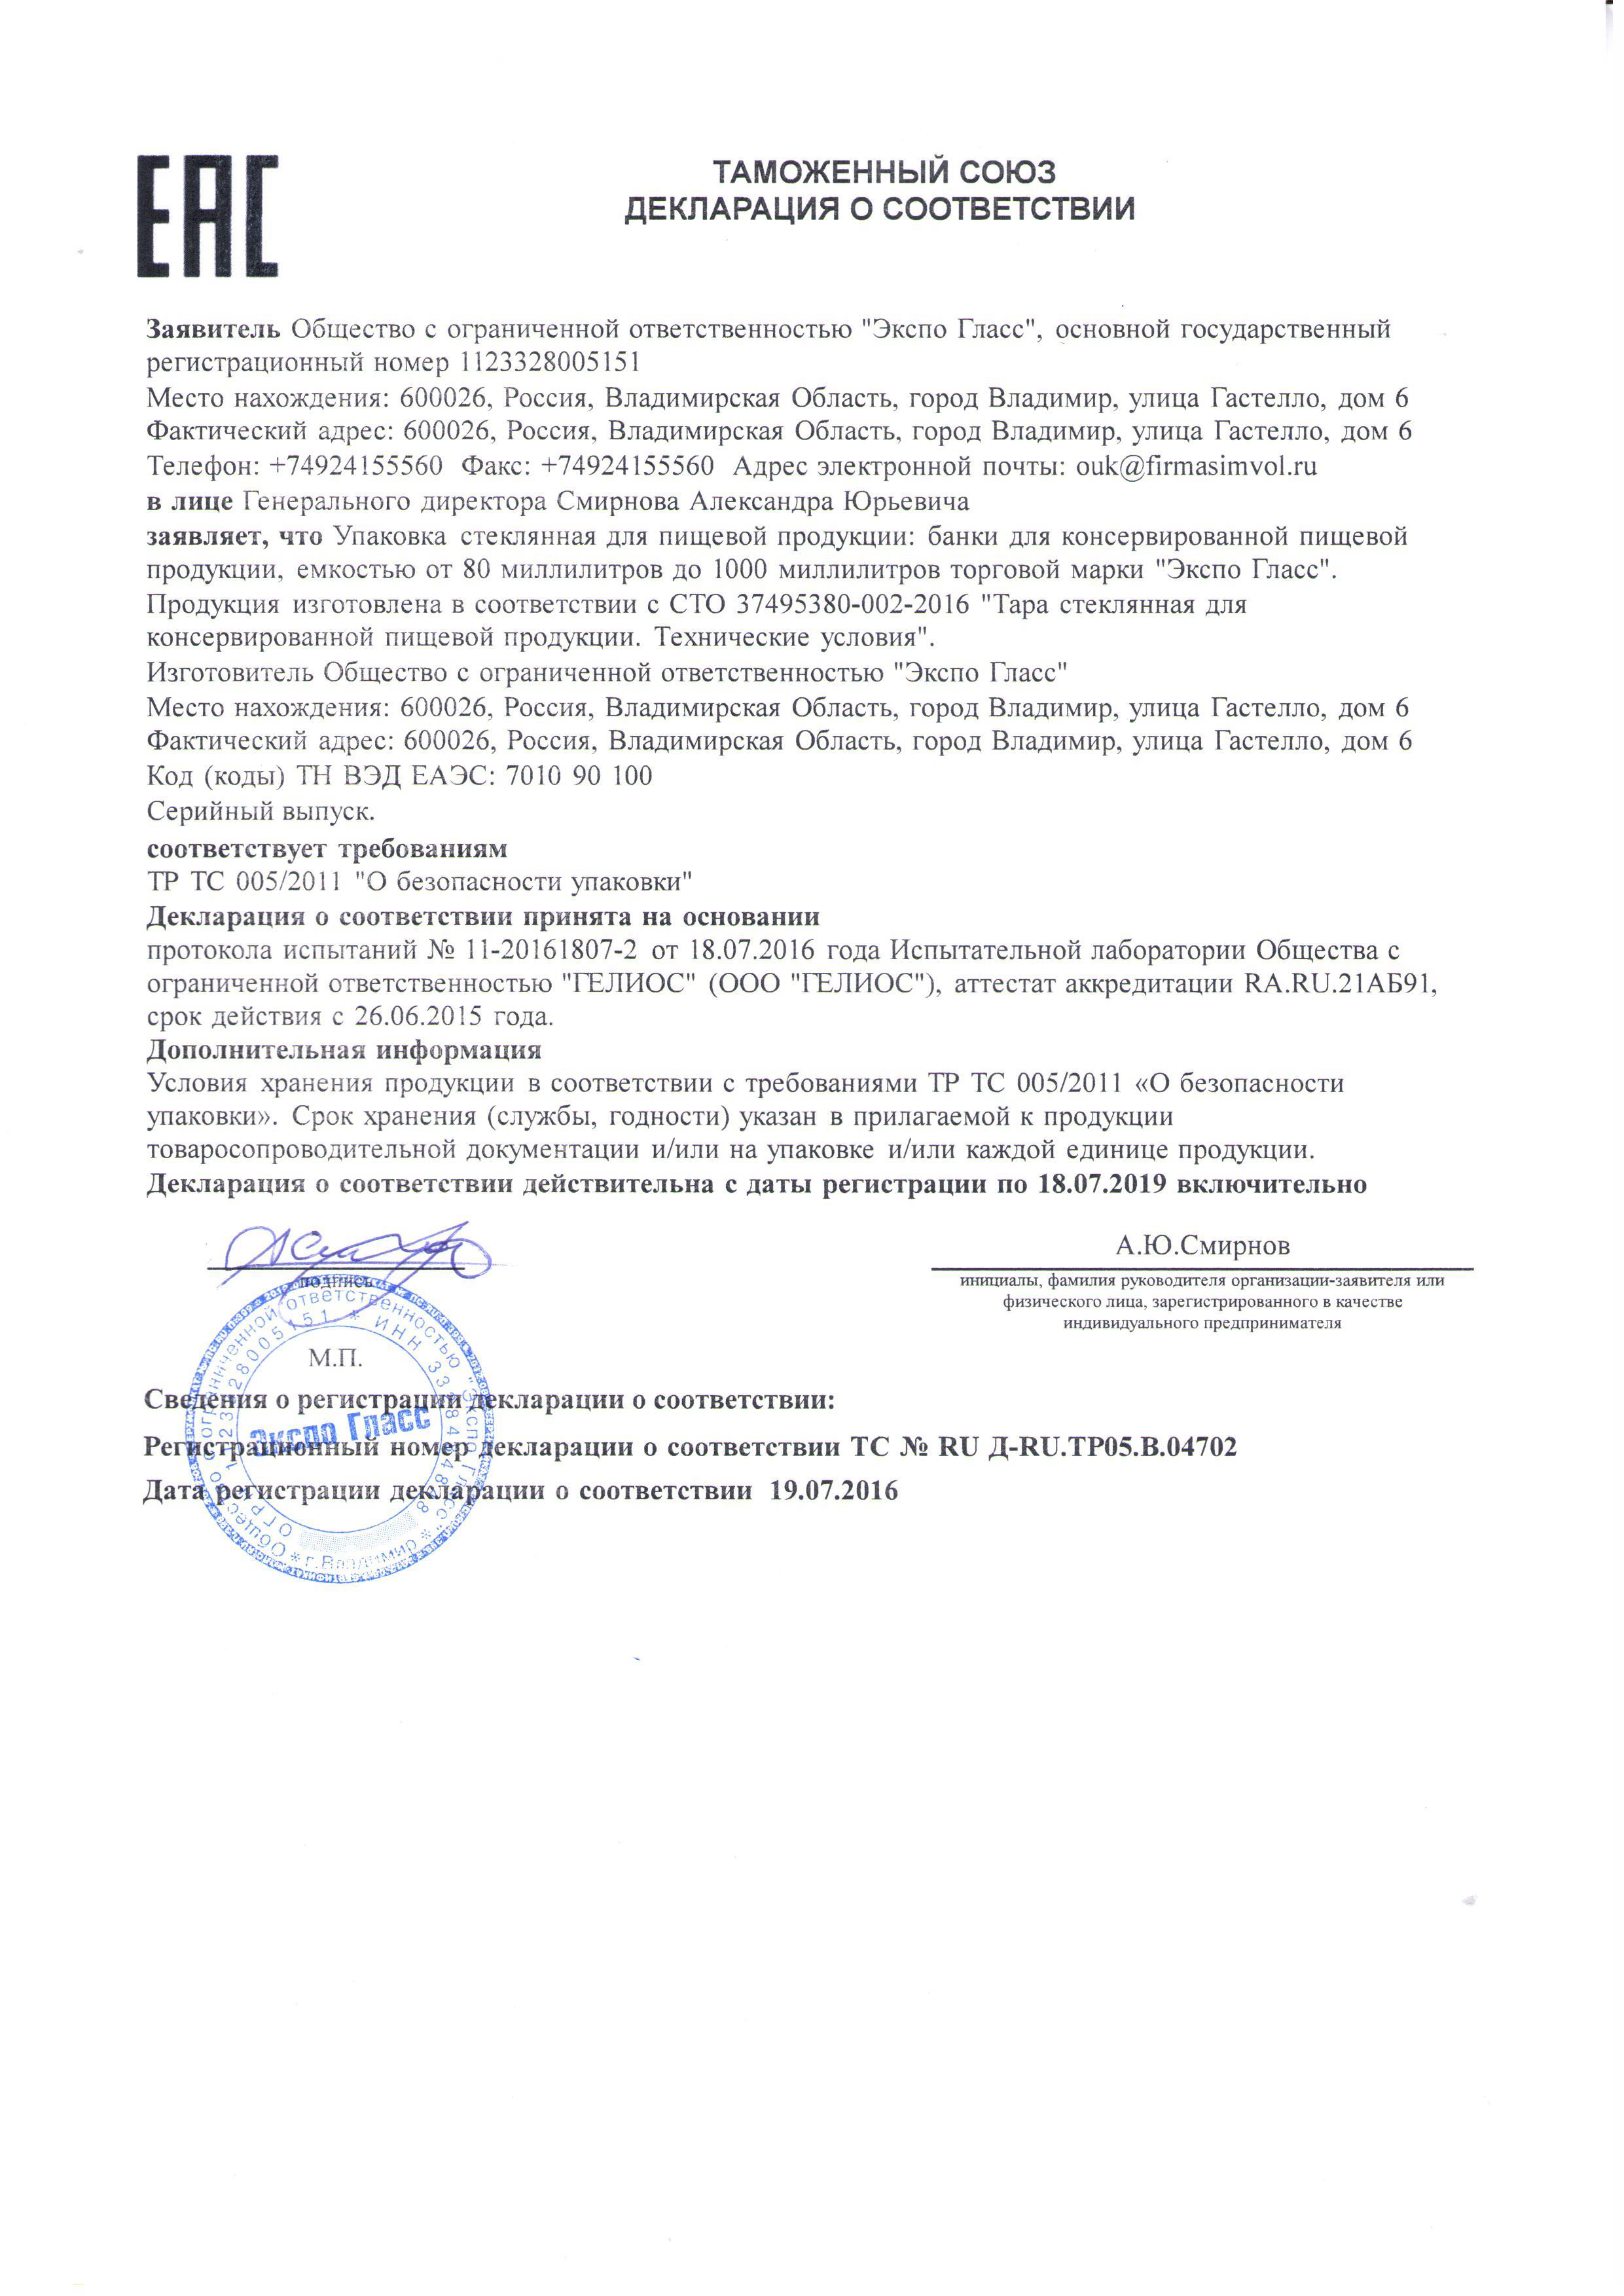 ТС № RU Д-RU.ТР05.В.04702